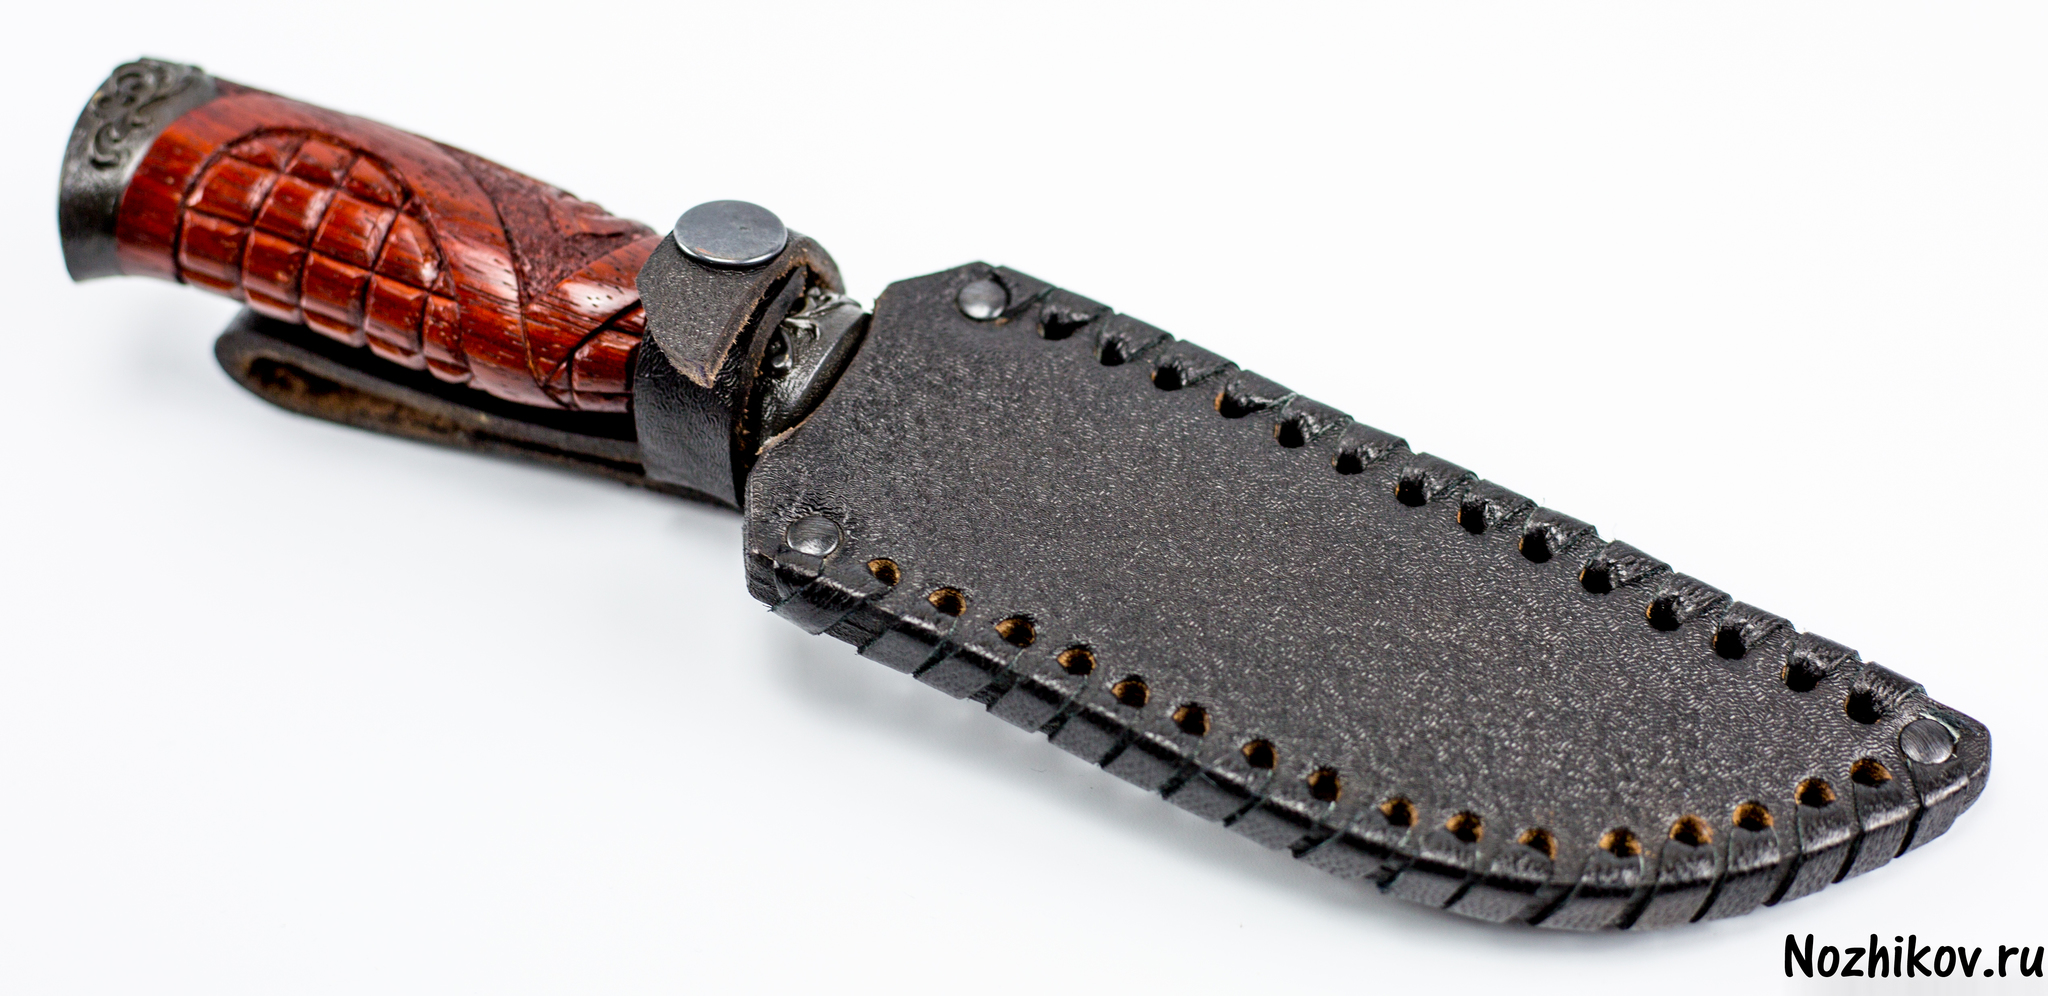 Фото 6 - Авторский Нож из Дамаска №9, Кизляр от Noname